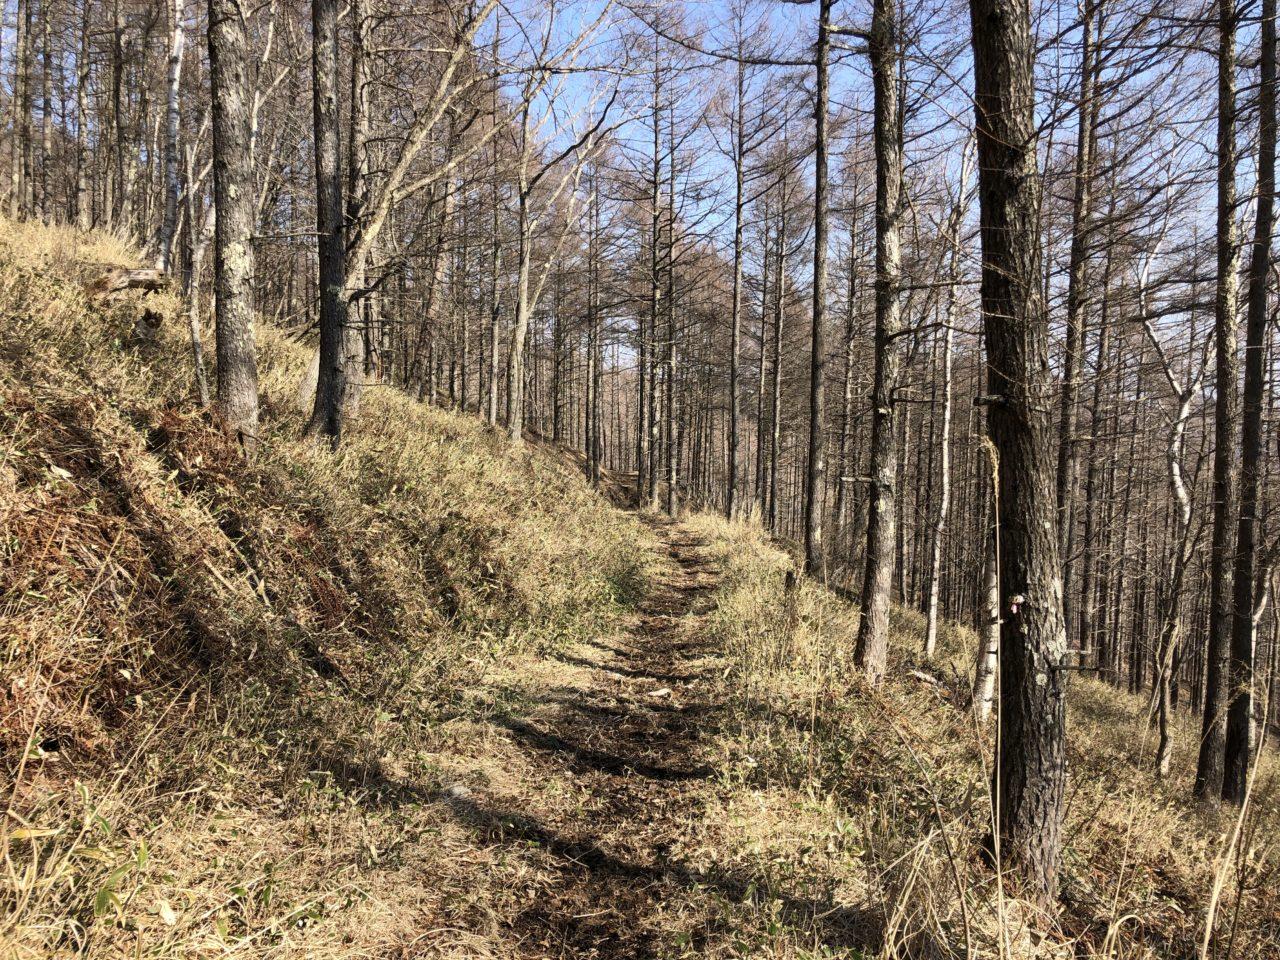 美ヶ原トレイルランコース エコーバレーへ